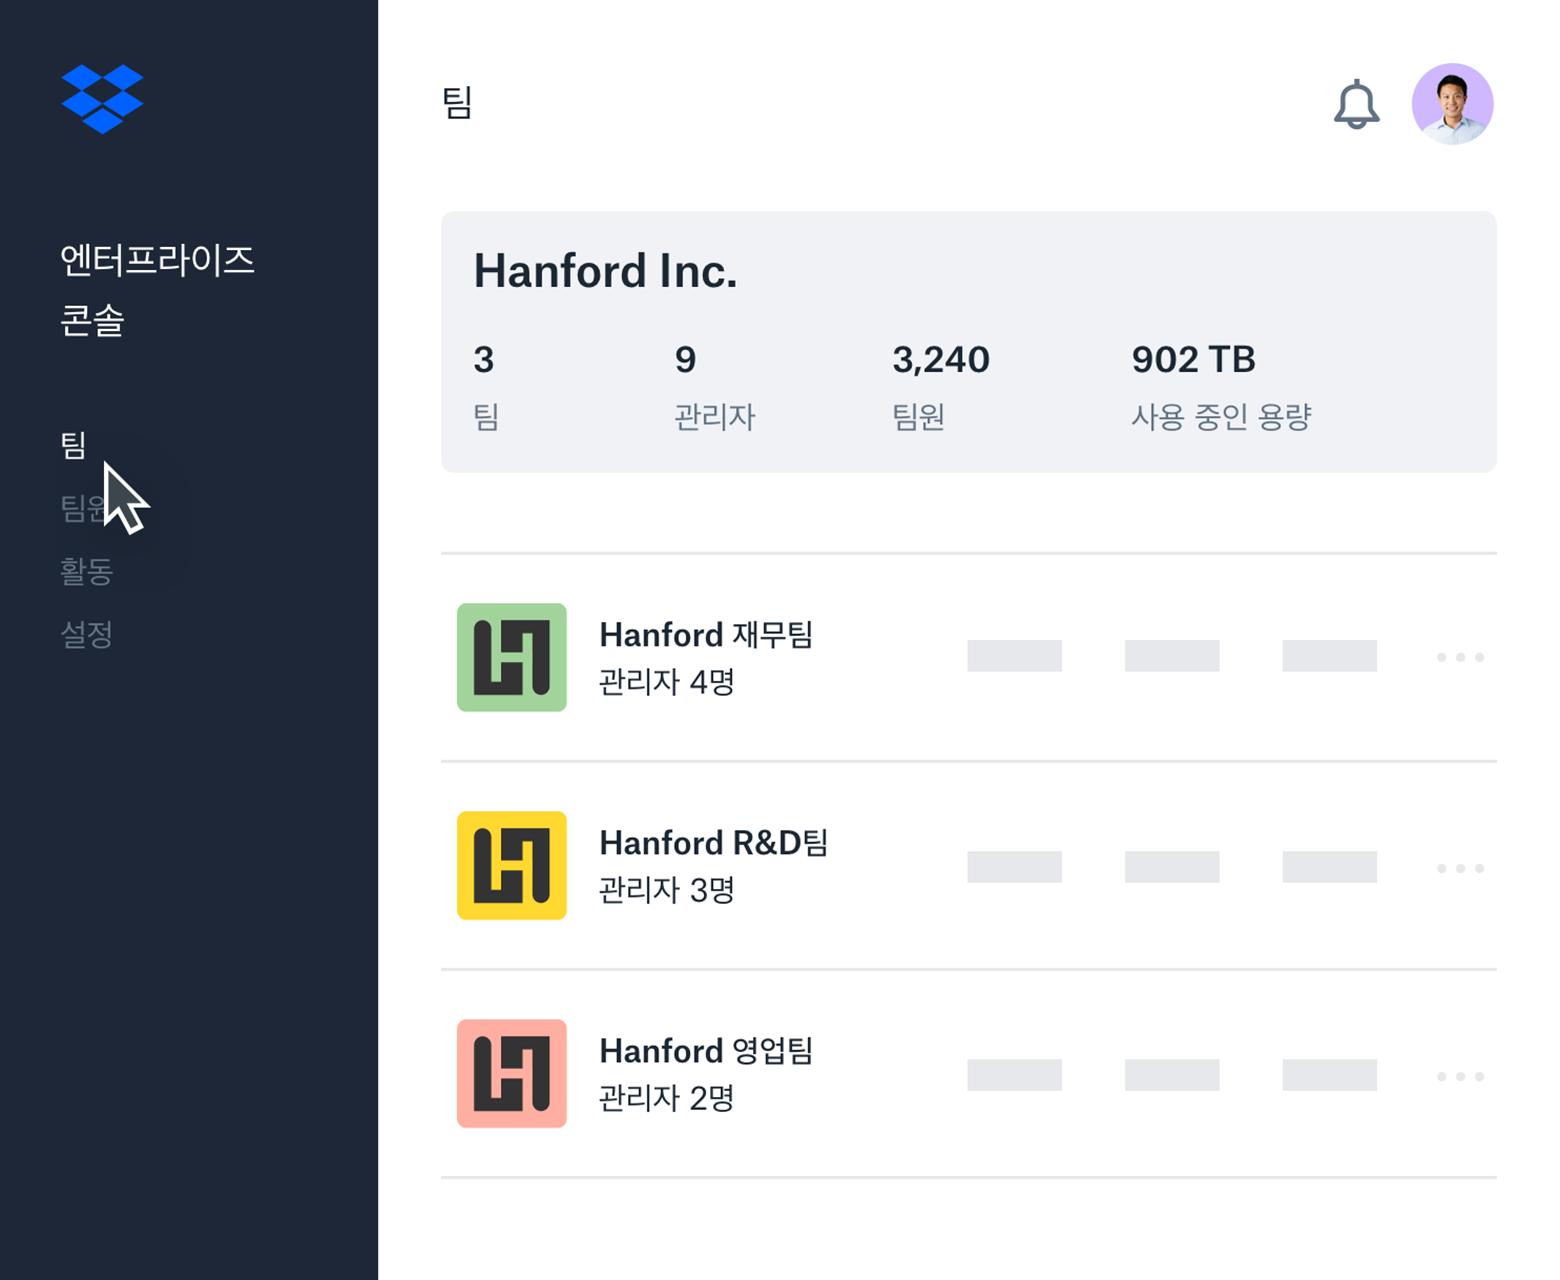 부속팀 목록과 팀원 개요가 표시된 Dropbox 엔터프라이즈 콘솔 인터페이스 예시.